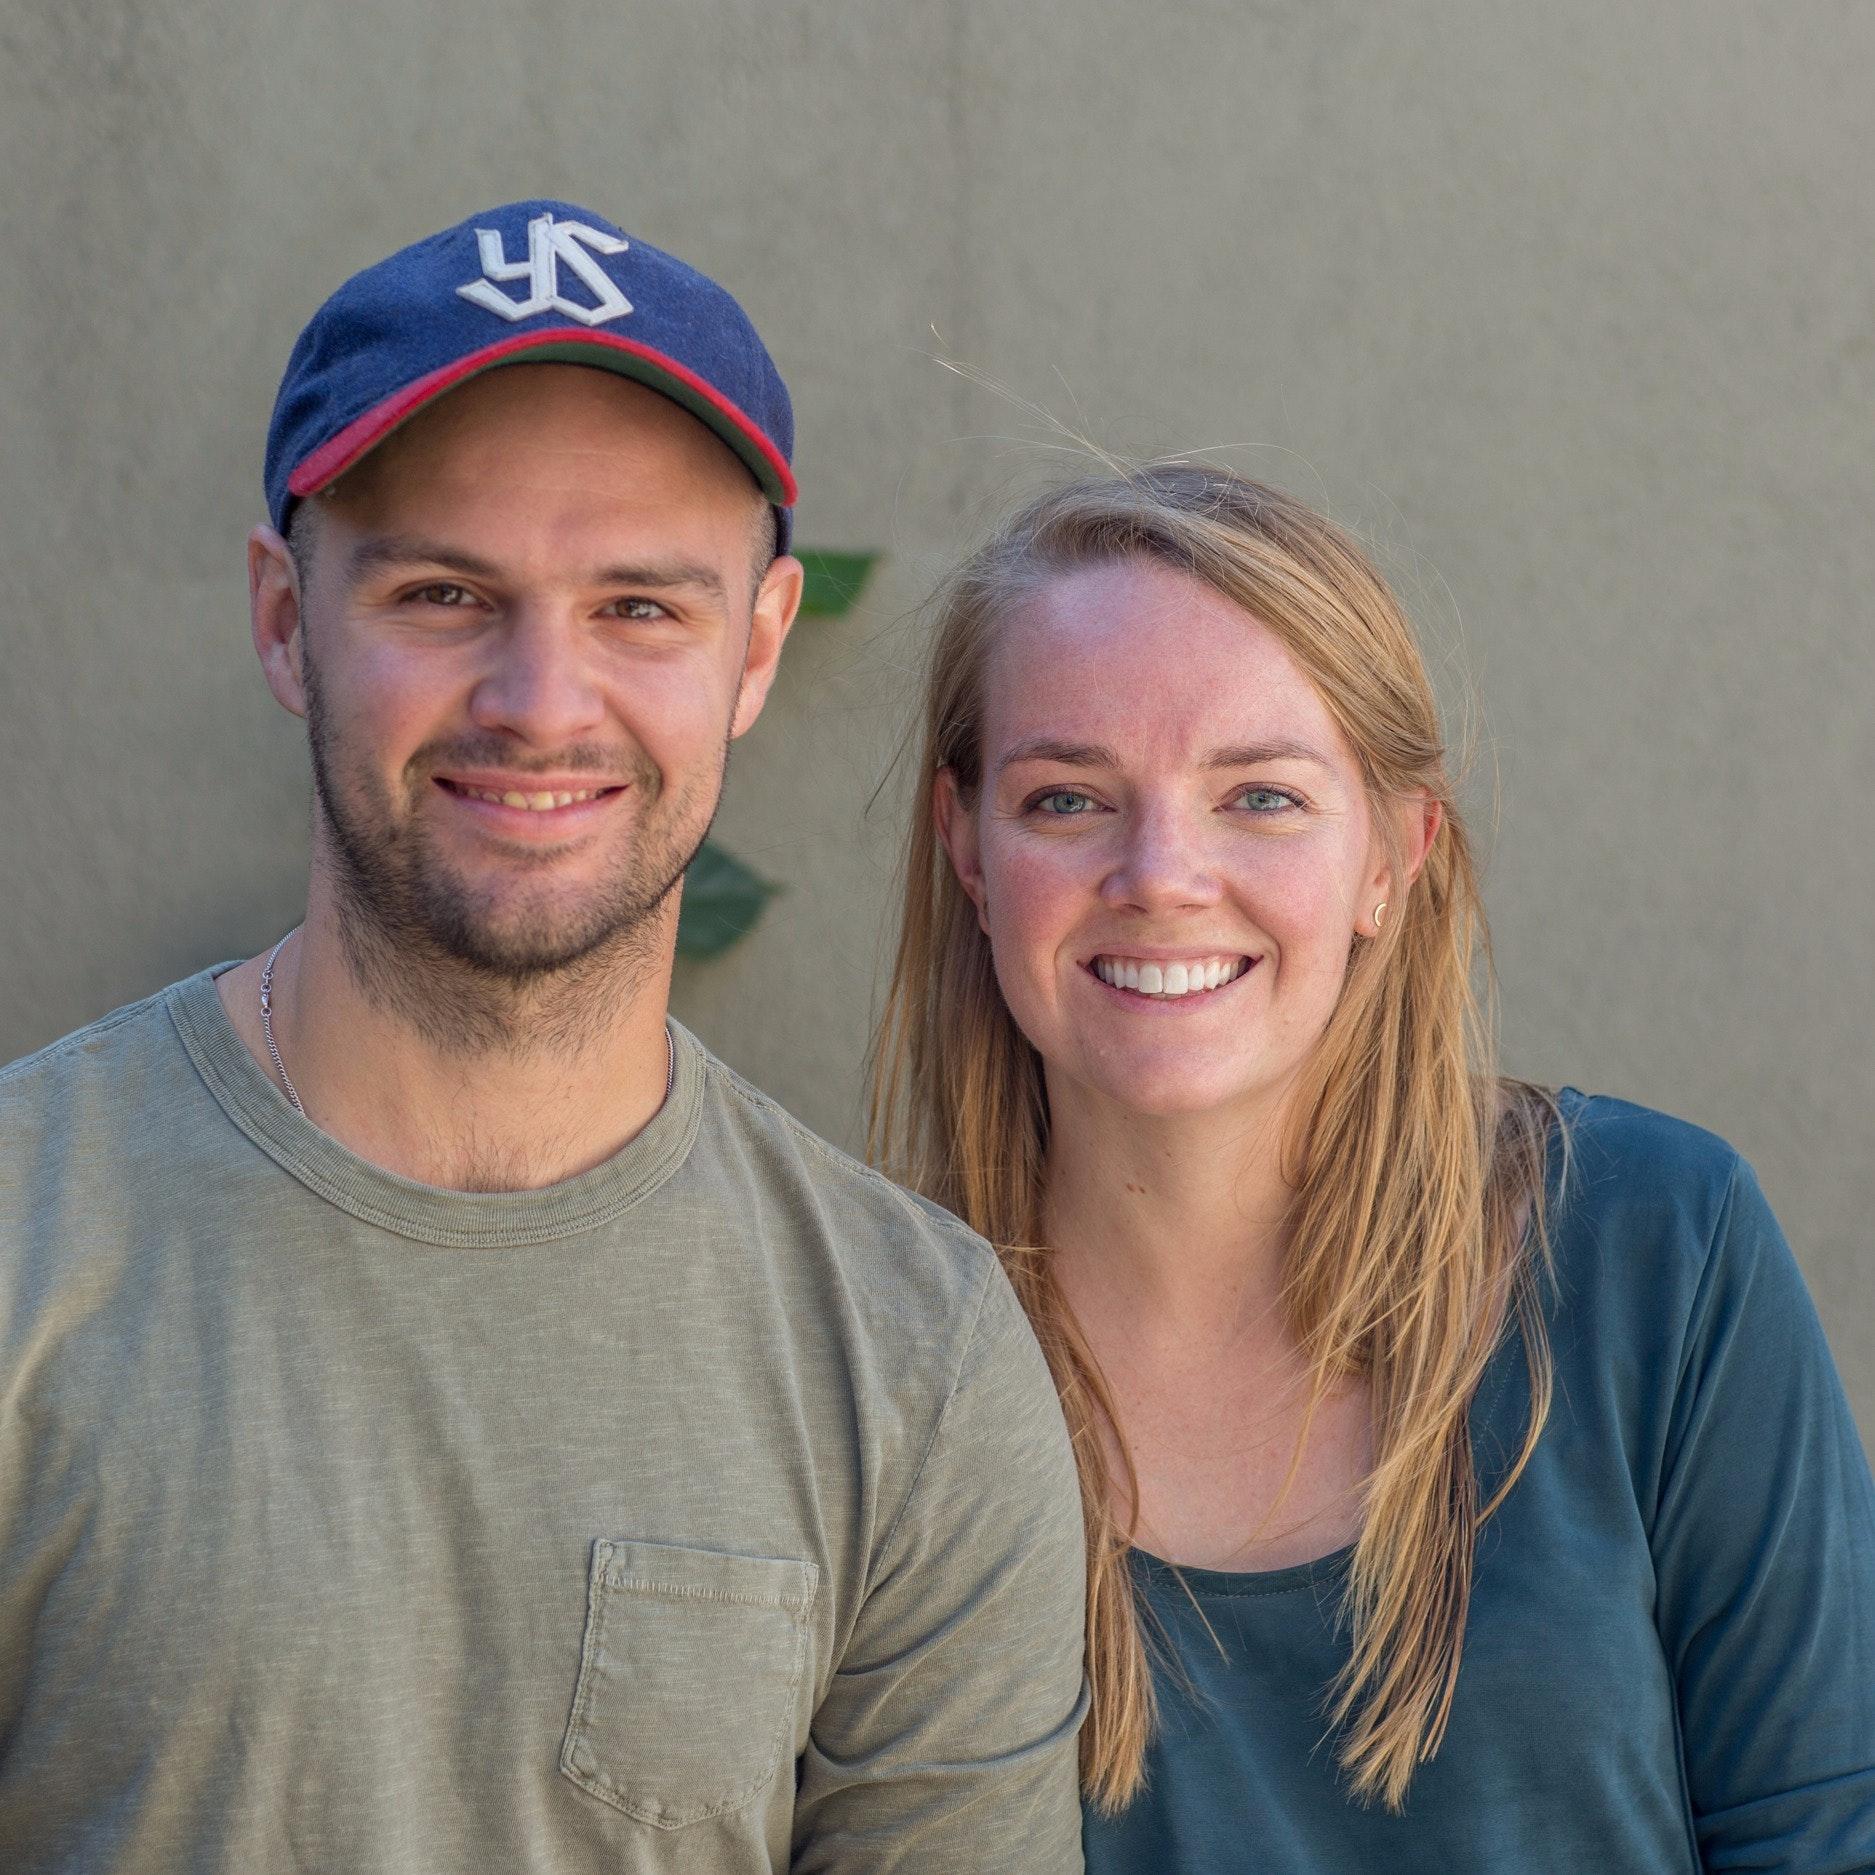 Charlie T. & Hannah R.